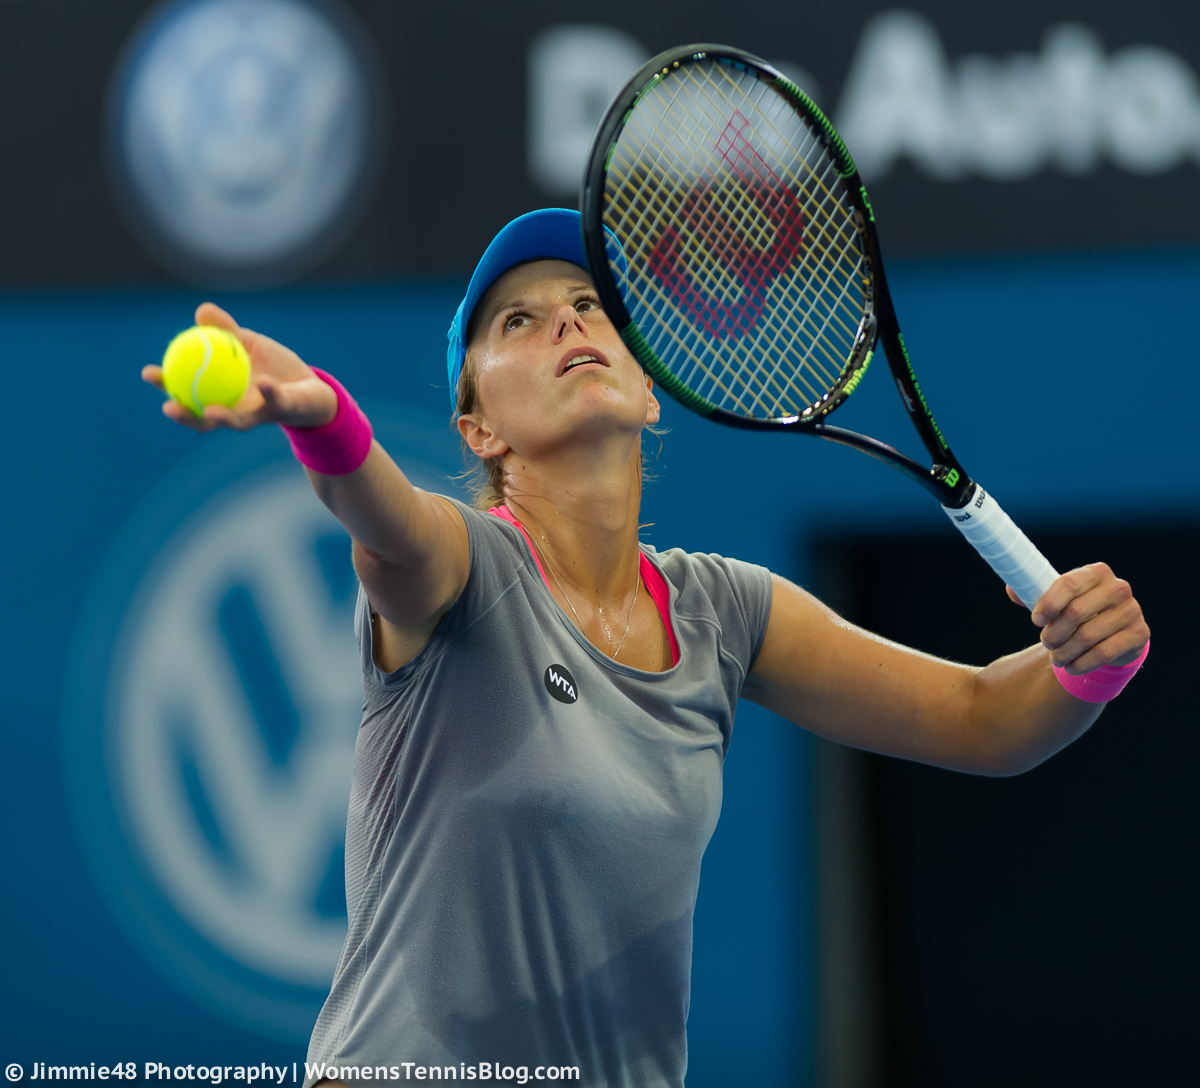 Brisbane Dream Final Is Set – Gallery | Women's Tennis BlogVarvara Lepchenko Matches